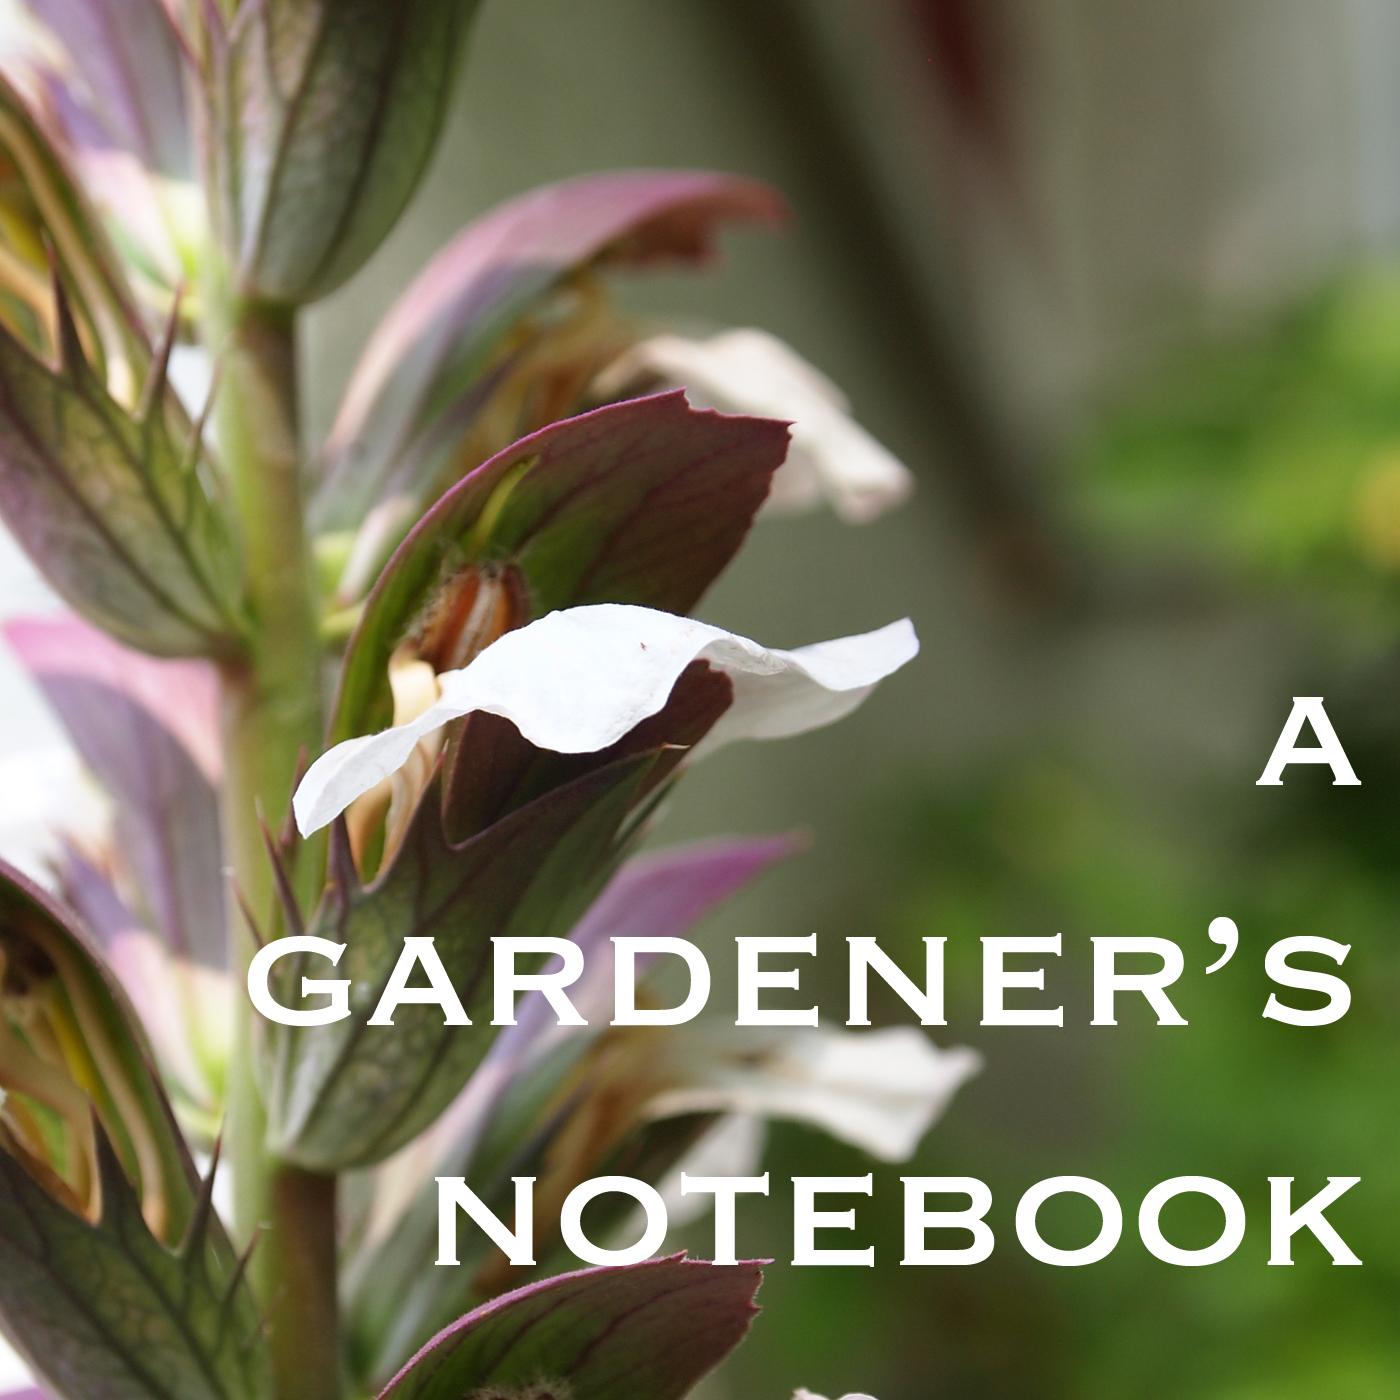 A Gardener's Notebook